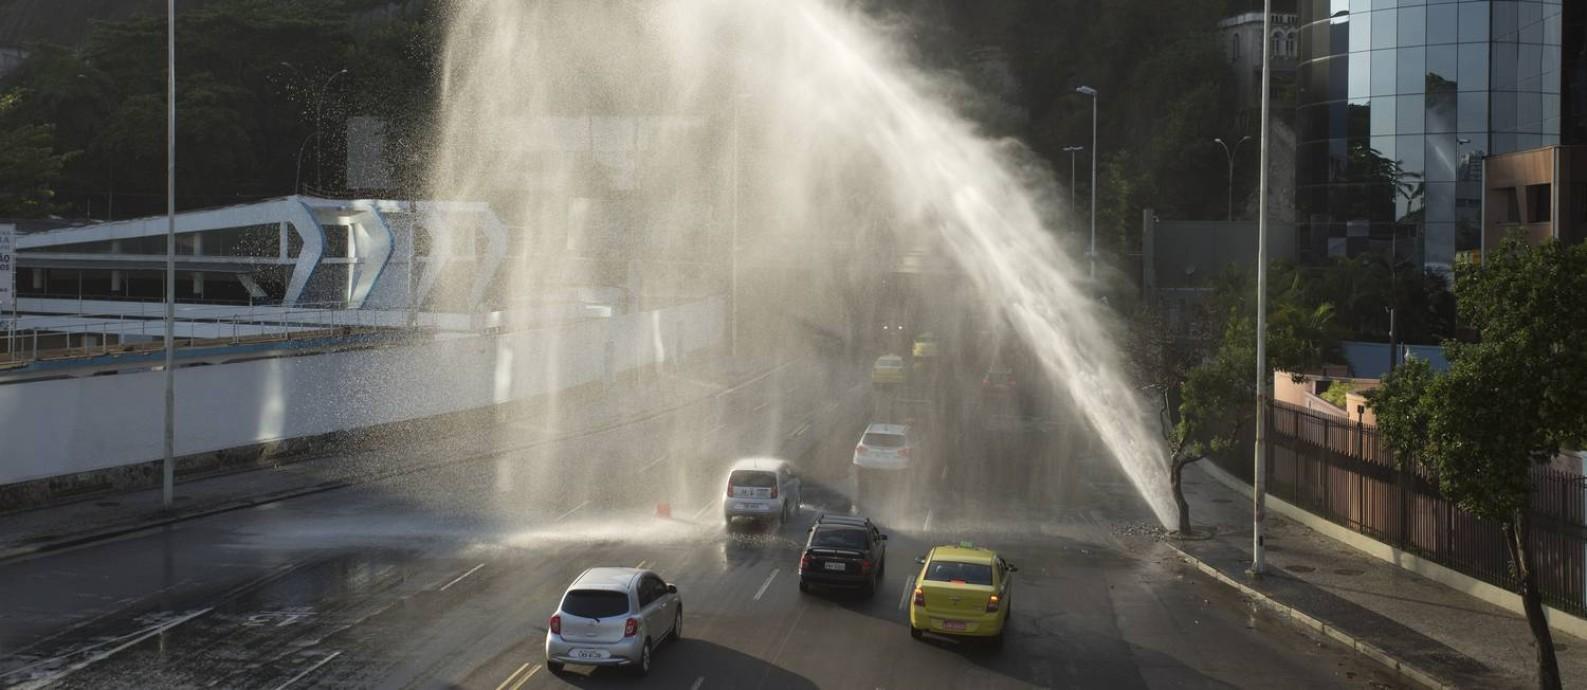 Rompimento de tubulação de água no Rio de Janeiro Foto: Márcia Foletto / Agência O Globo